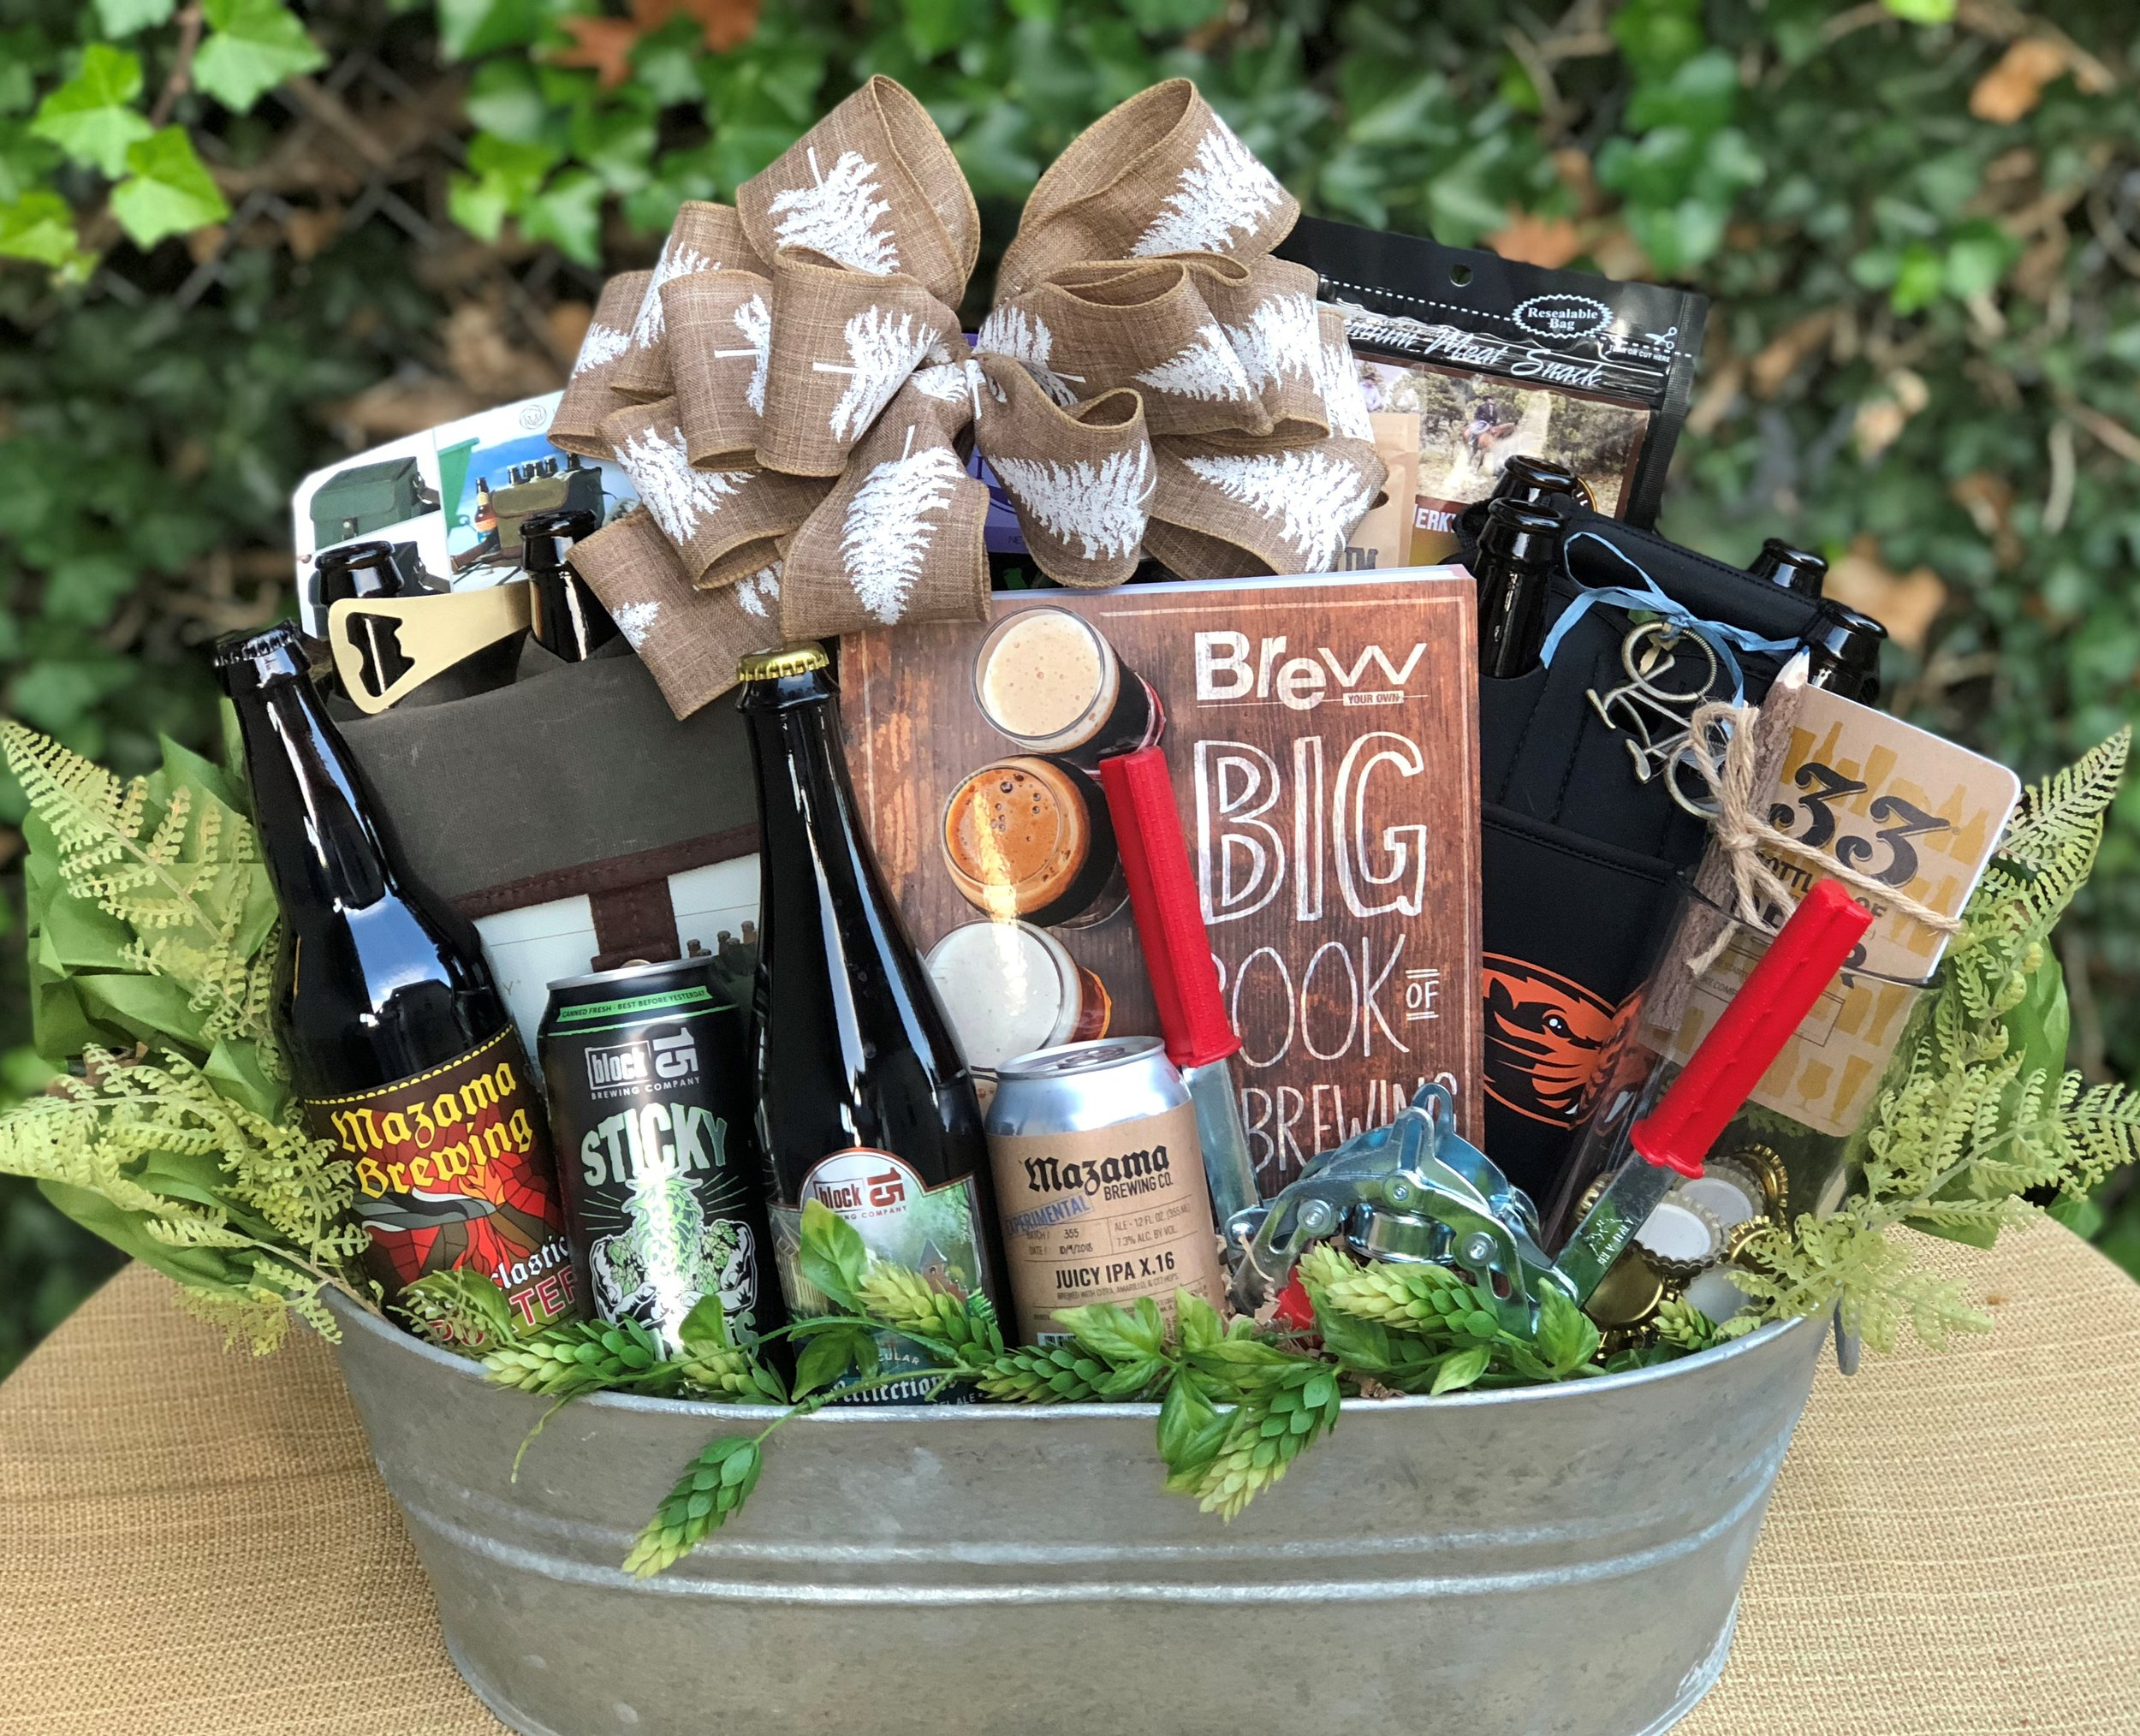 Oregon Home Brew Gift Basket